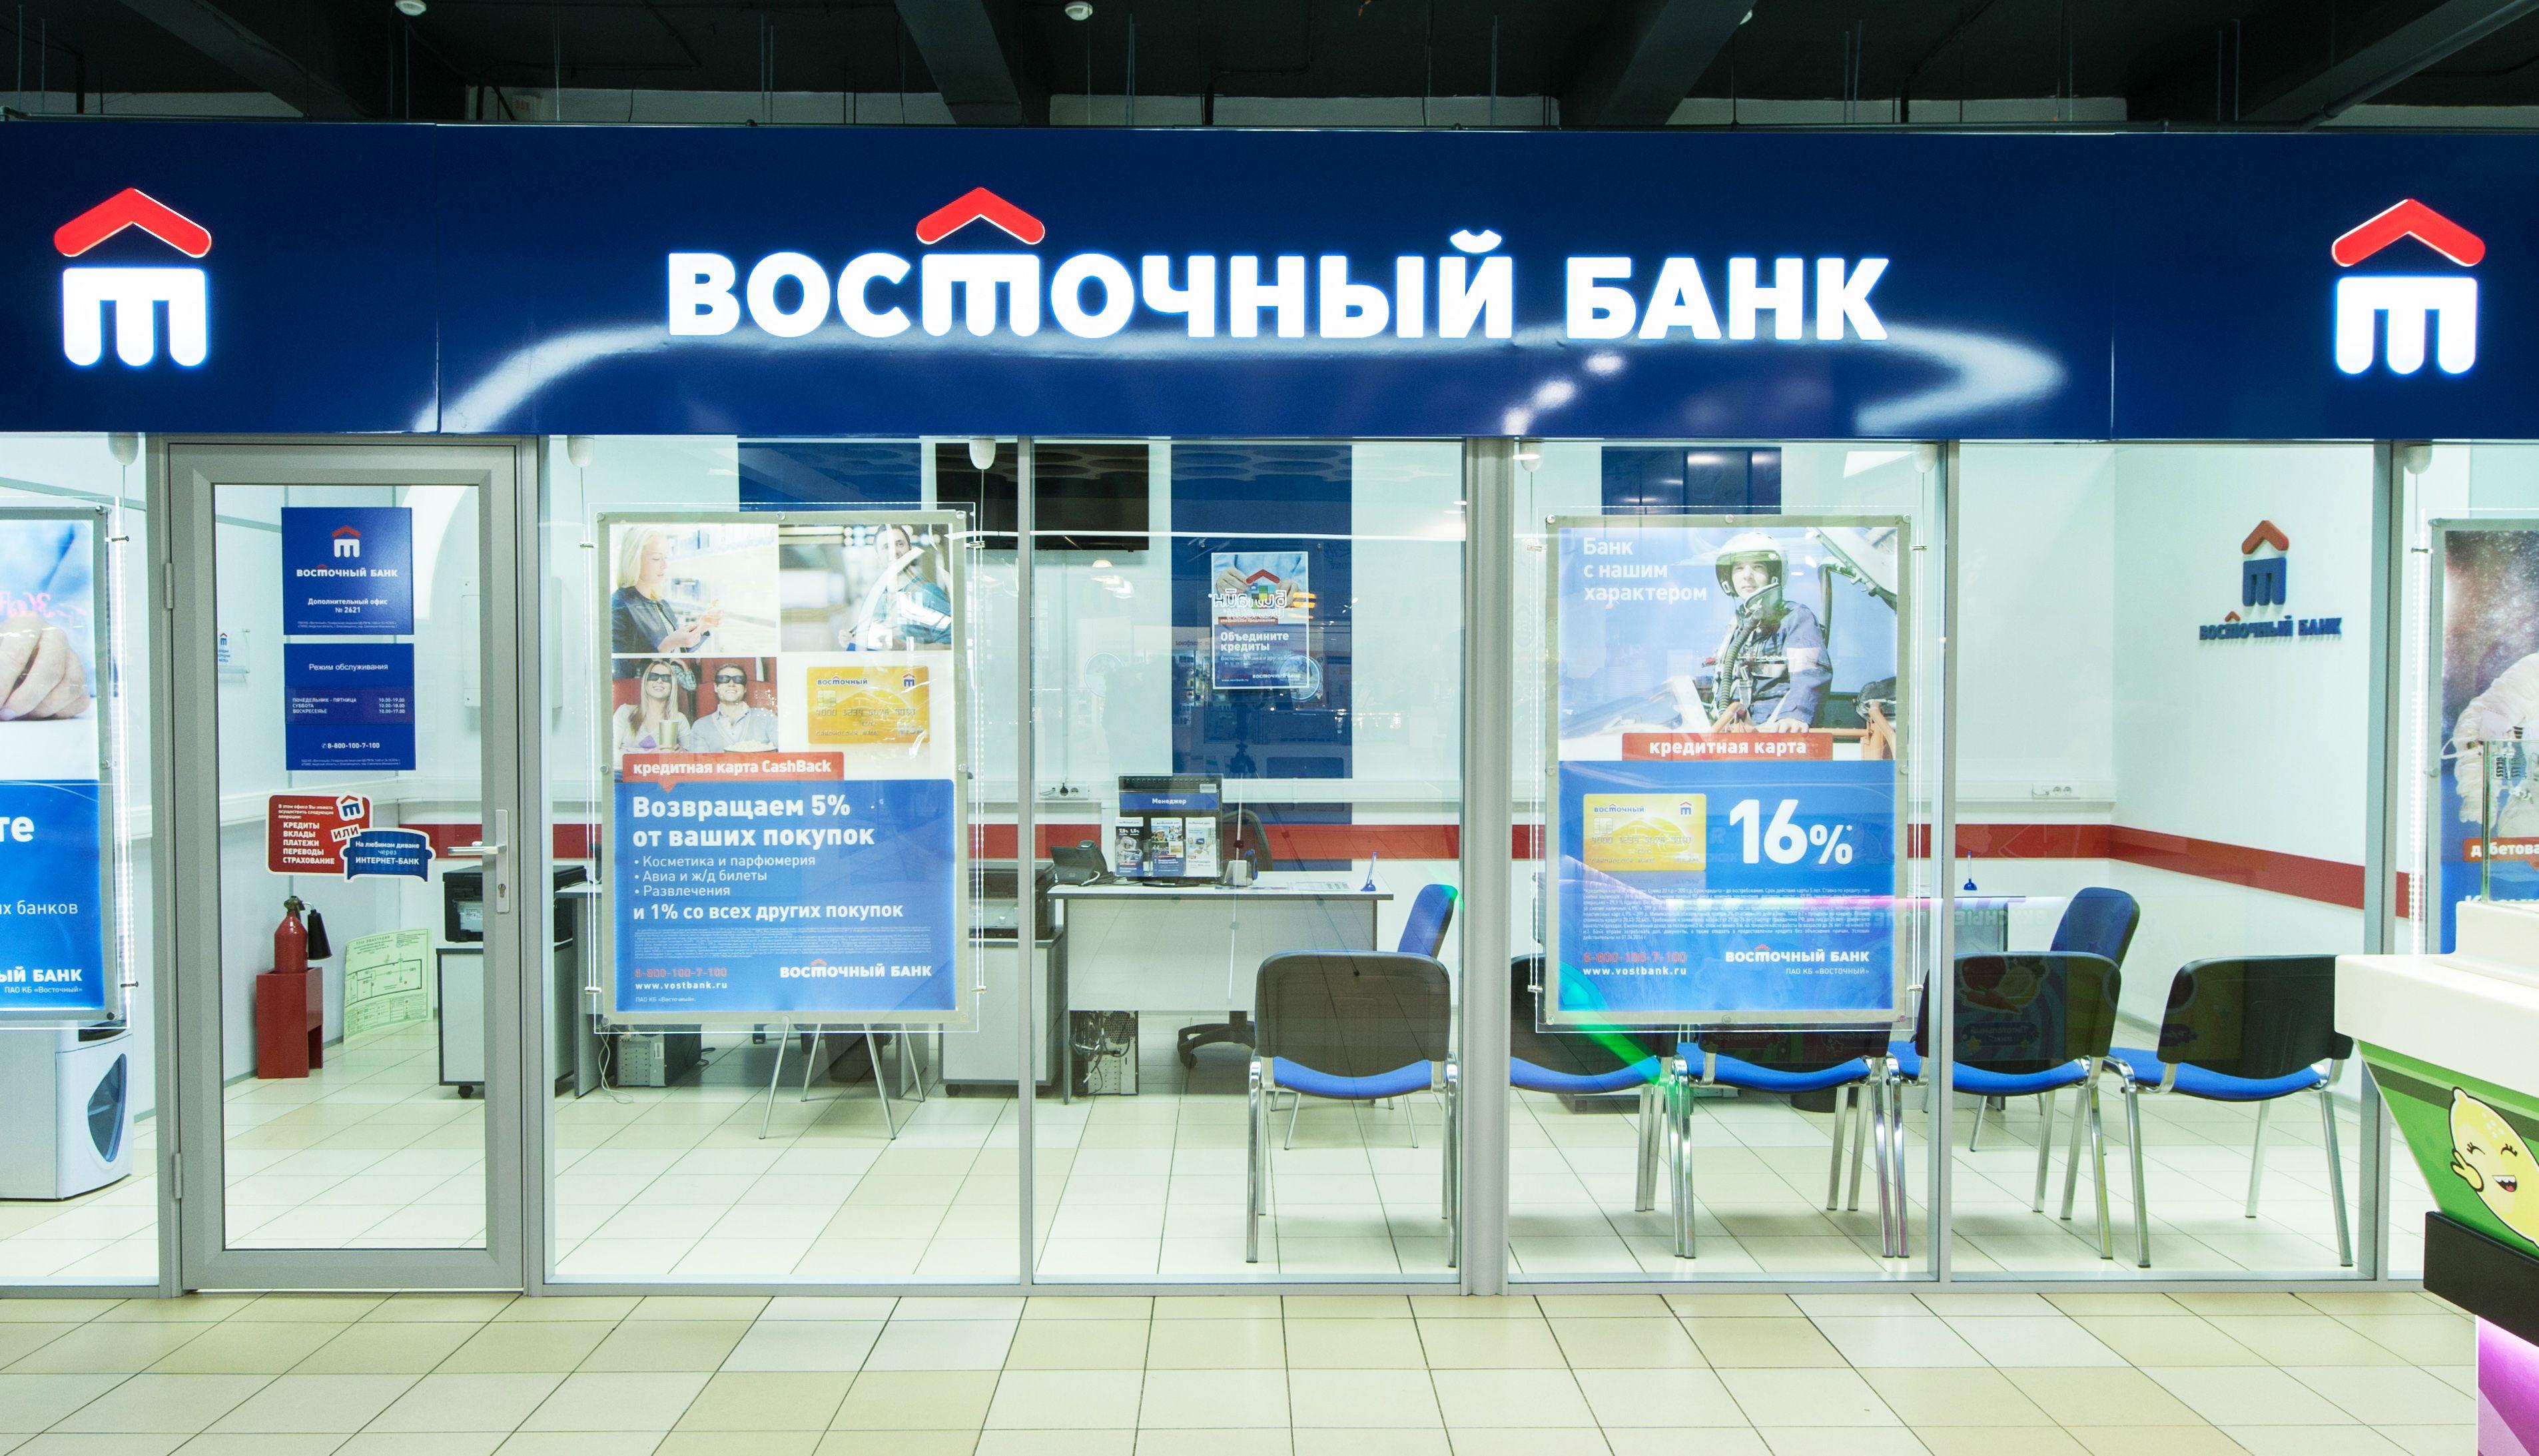 bank-vostochnyj-otzyvy-klientov-o-kredite_1